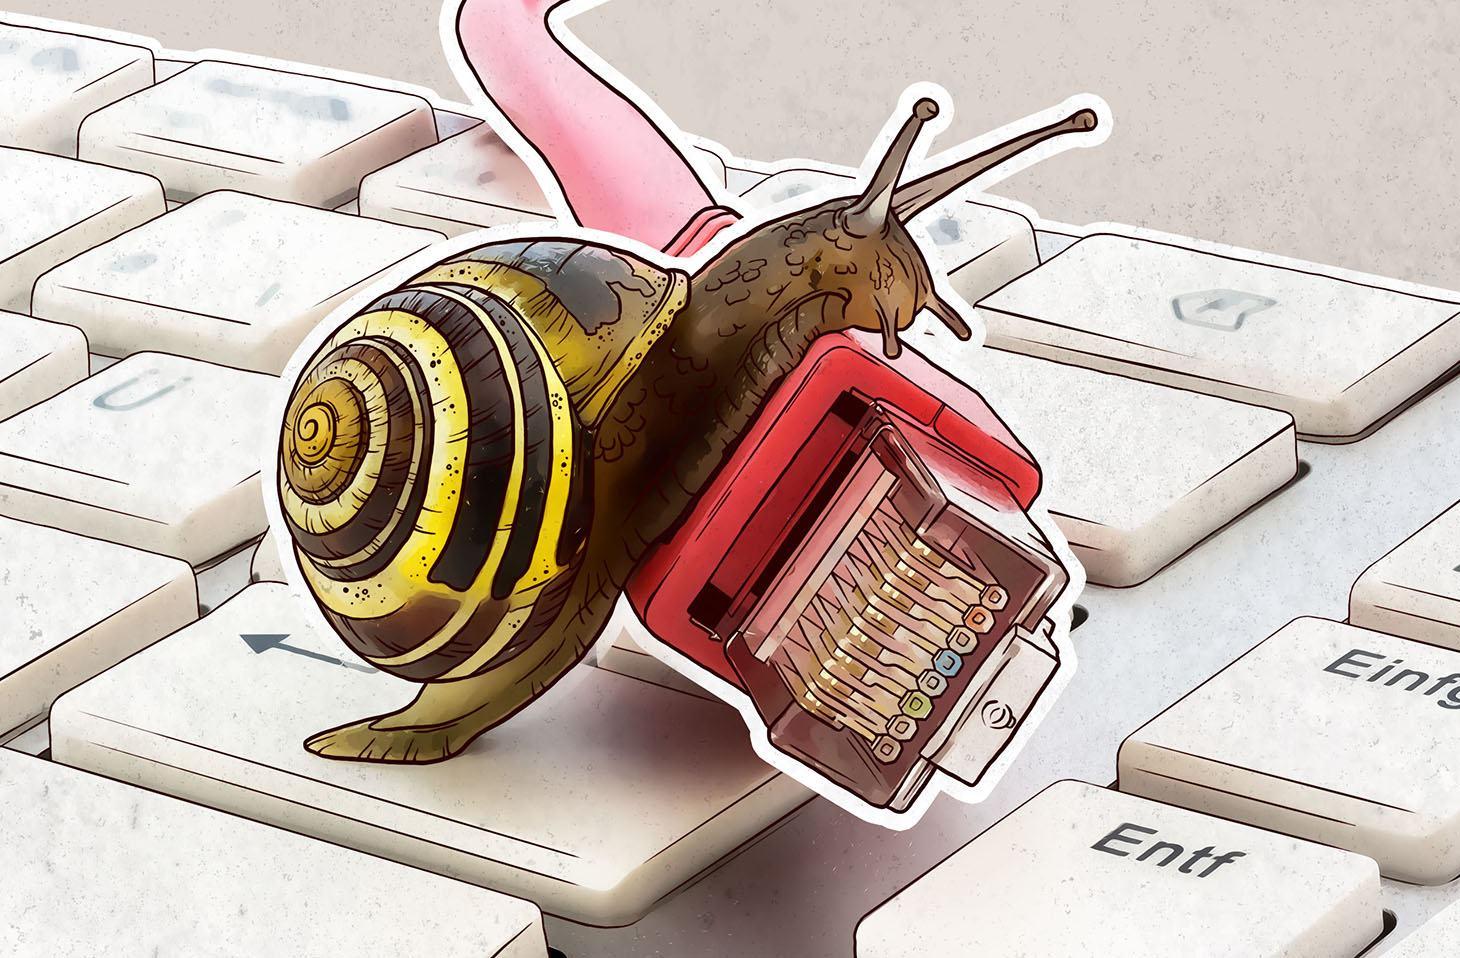 Зачем нужен реальный (он же фиксированный или прямой) внешний IP-адрес и чем опасен для простого пользователя